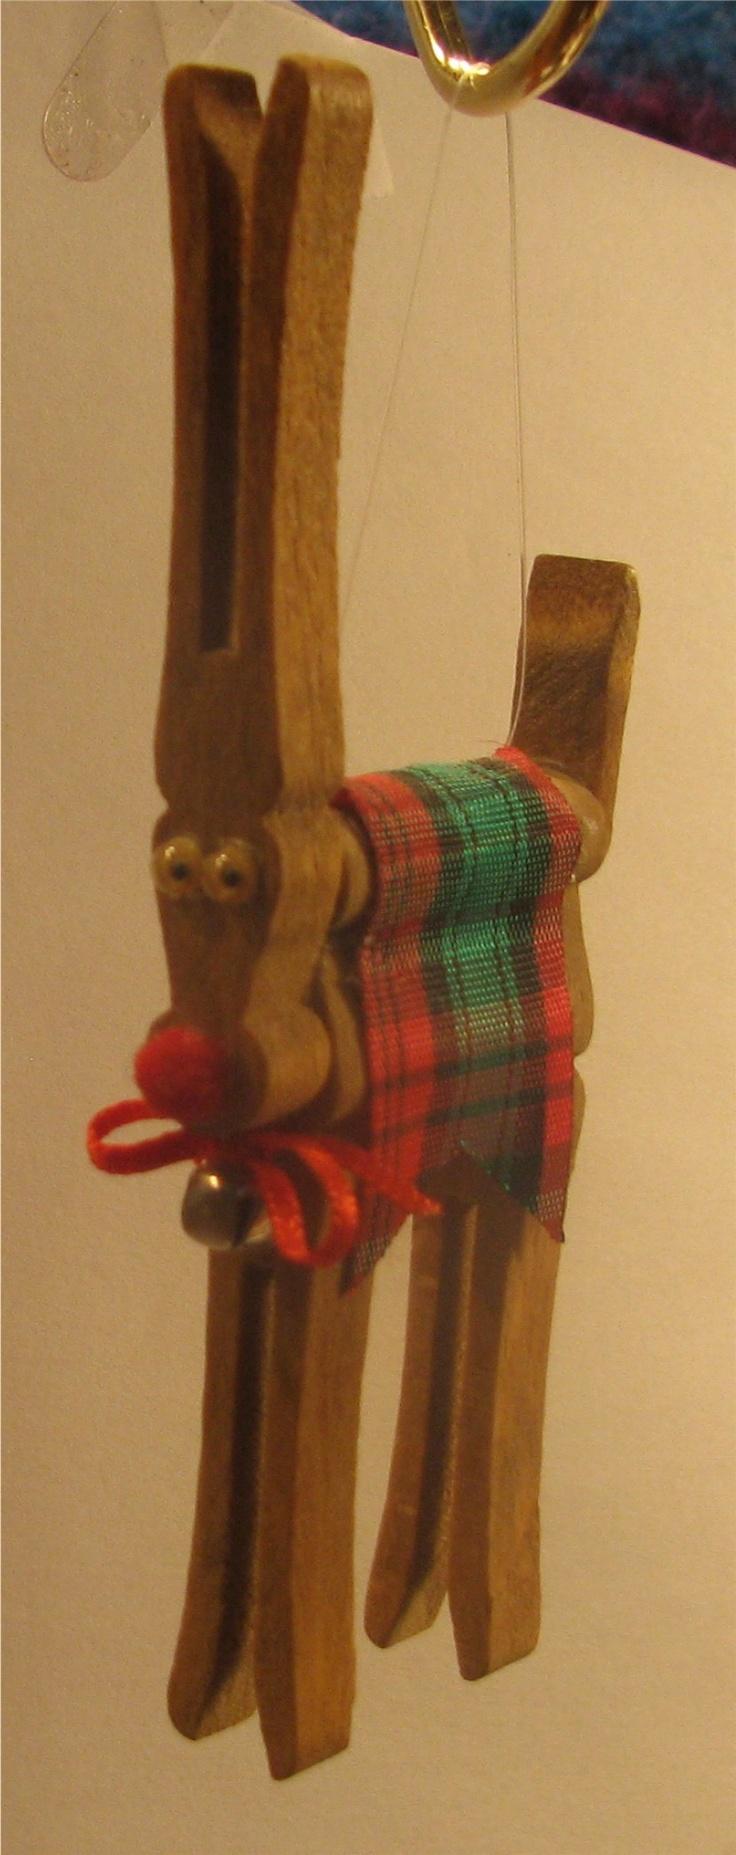 Original Vicki - clothespin reindeer